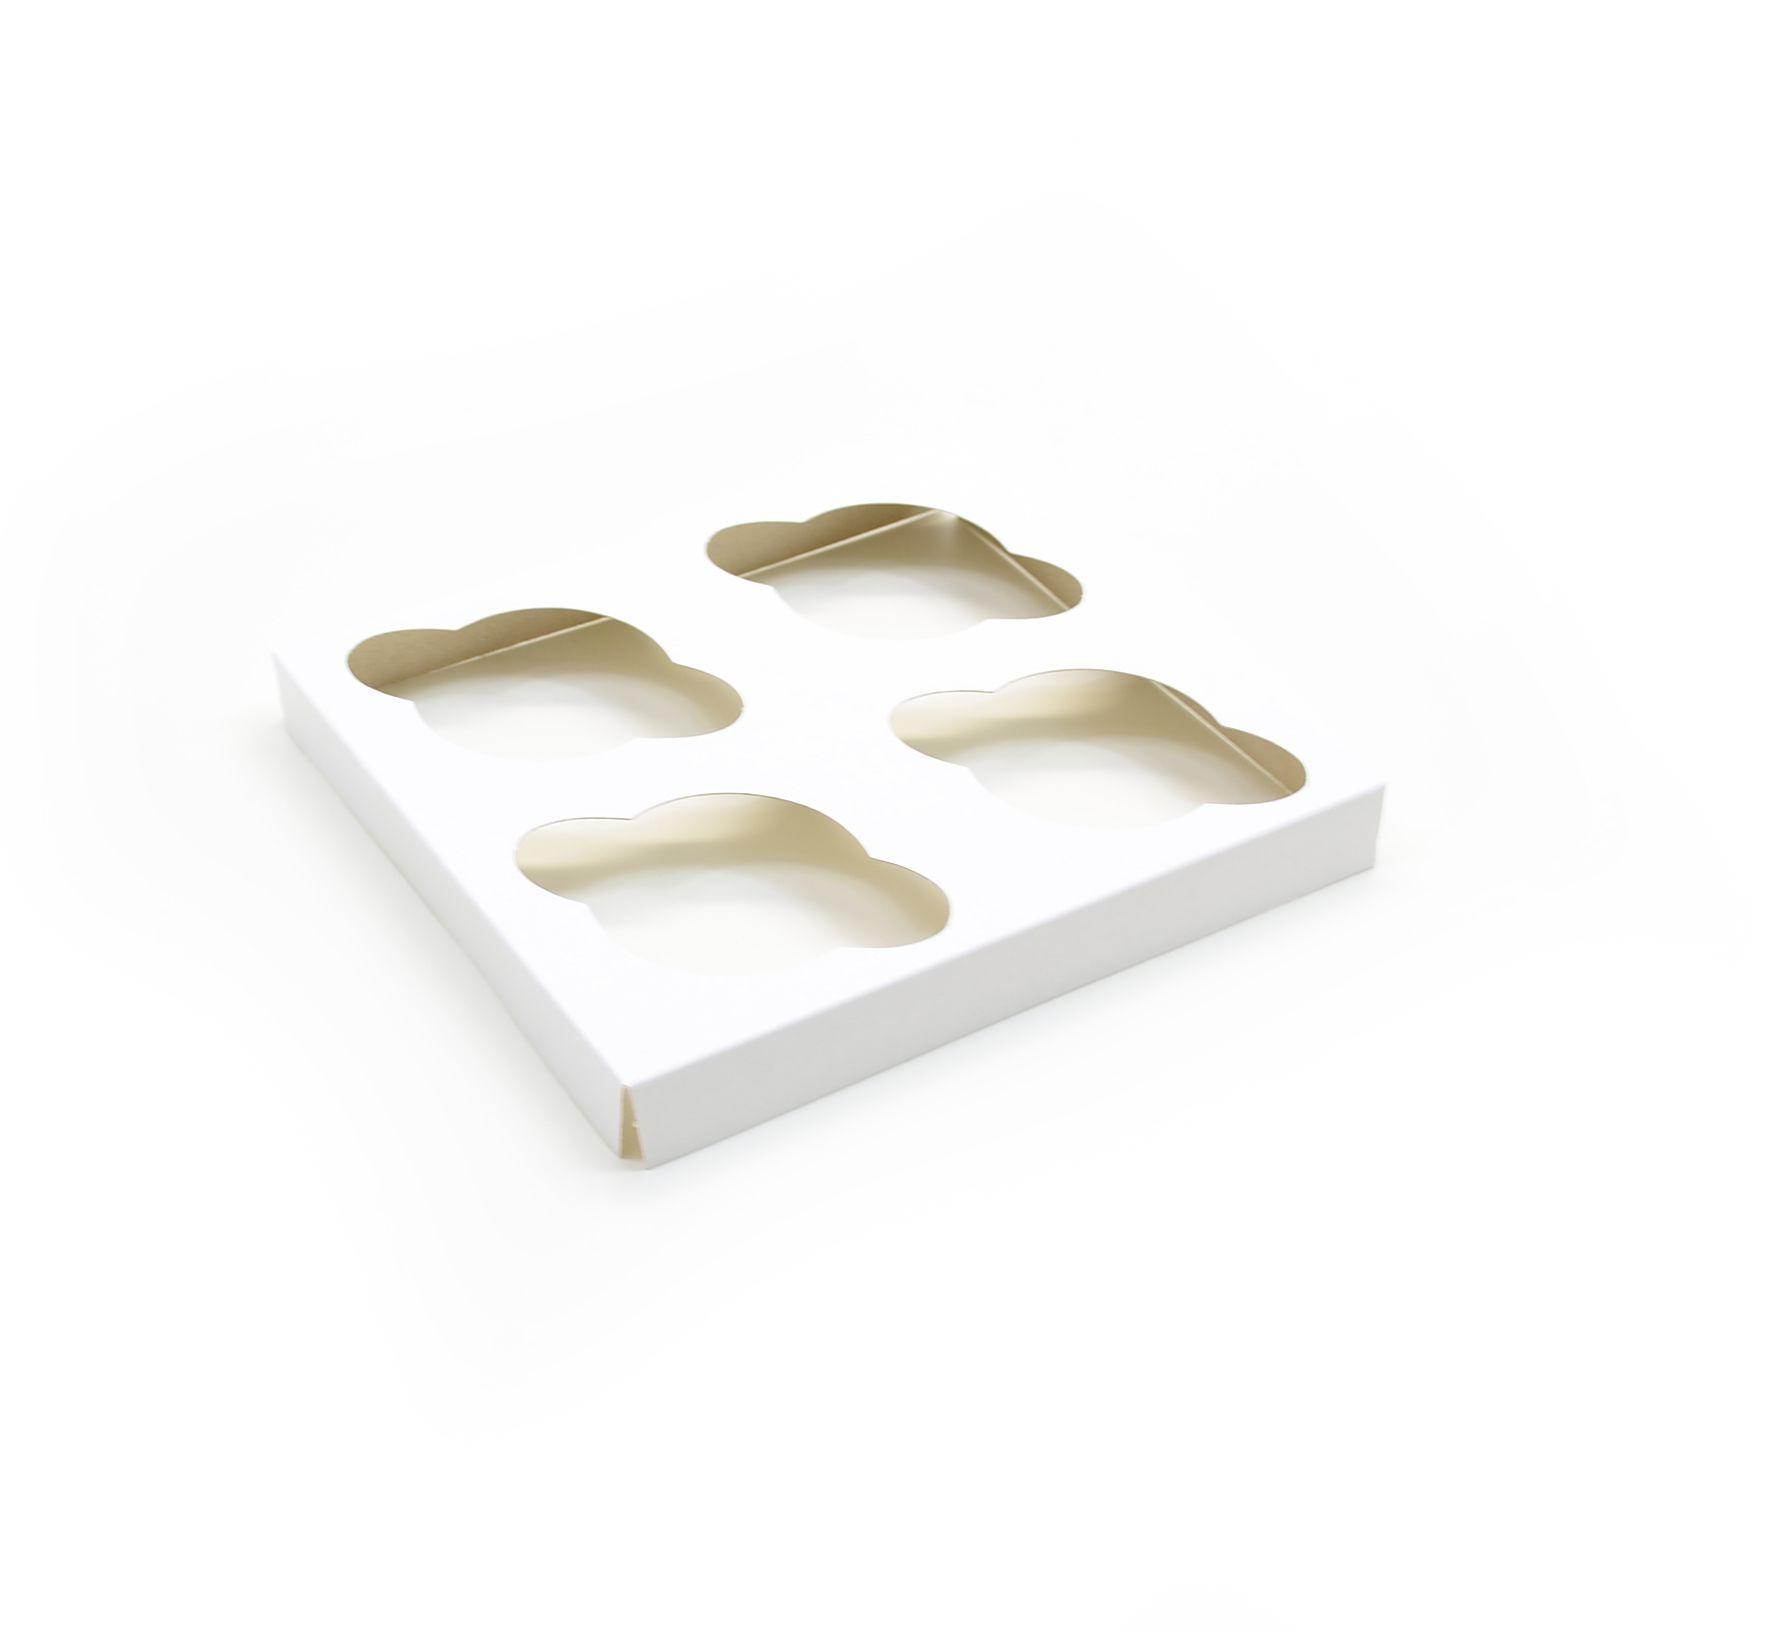 D079 Acessório p/ 4 cupcakes - 18,5x16,5x2cm - Branca